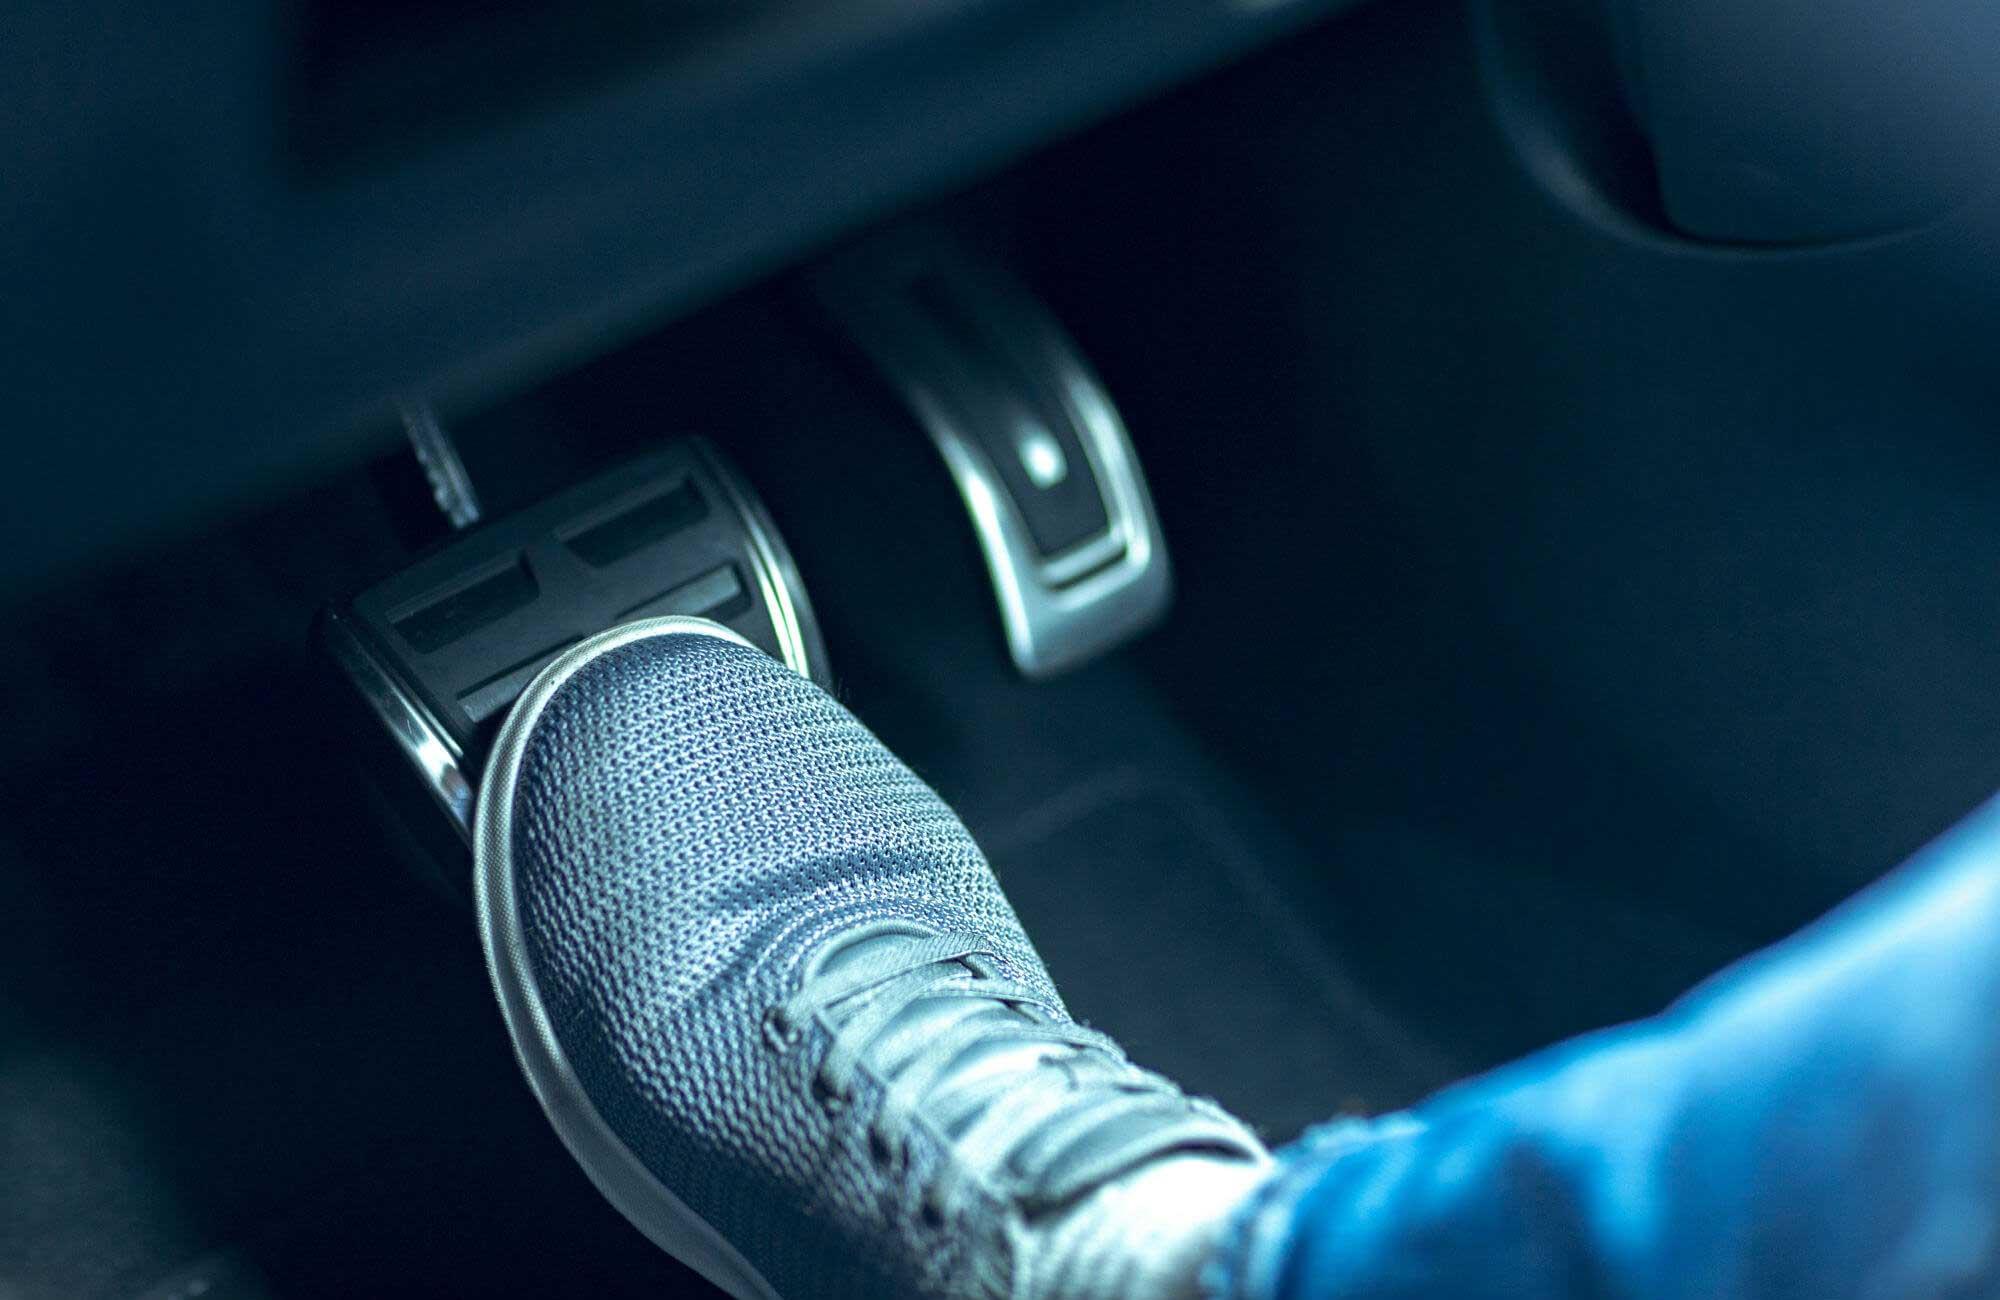 Fuß steht auf dem Bremspedal eines Autos.